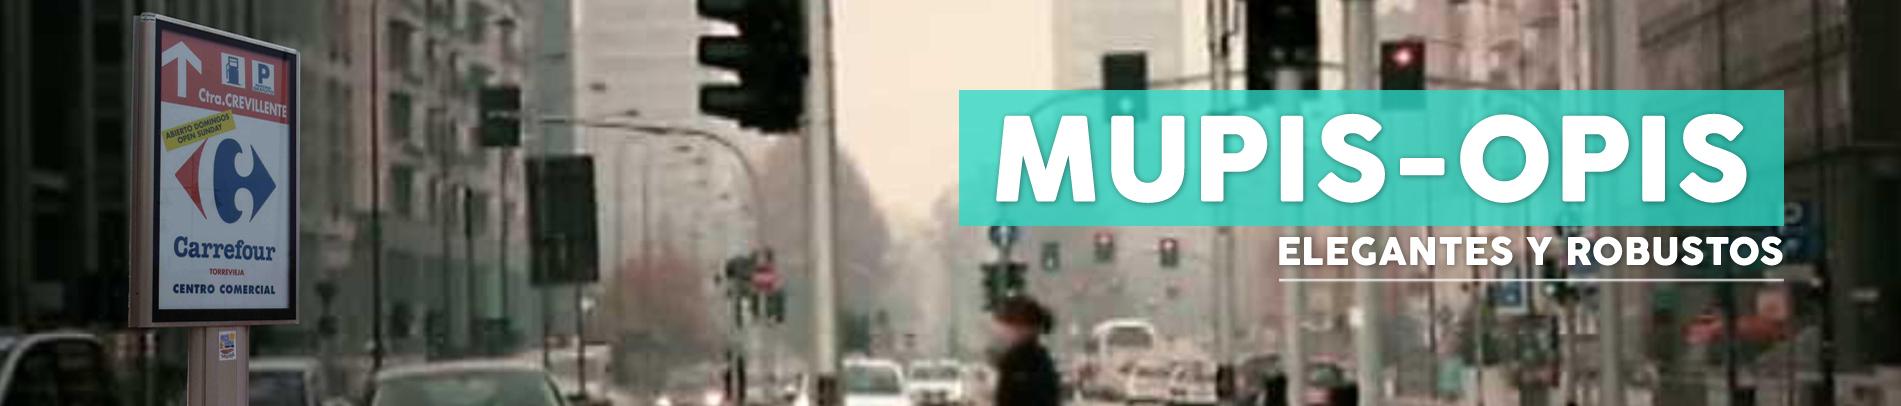 4banner_mupi-opi